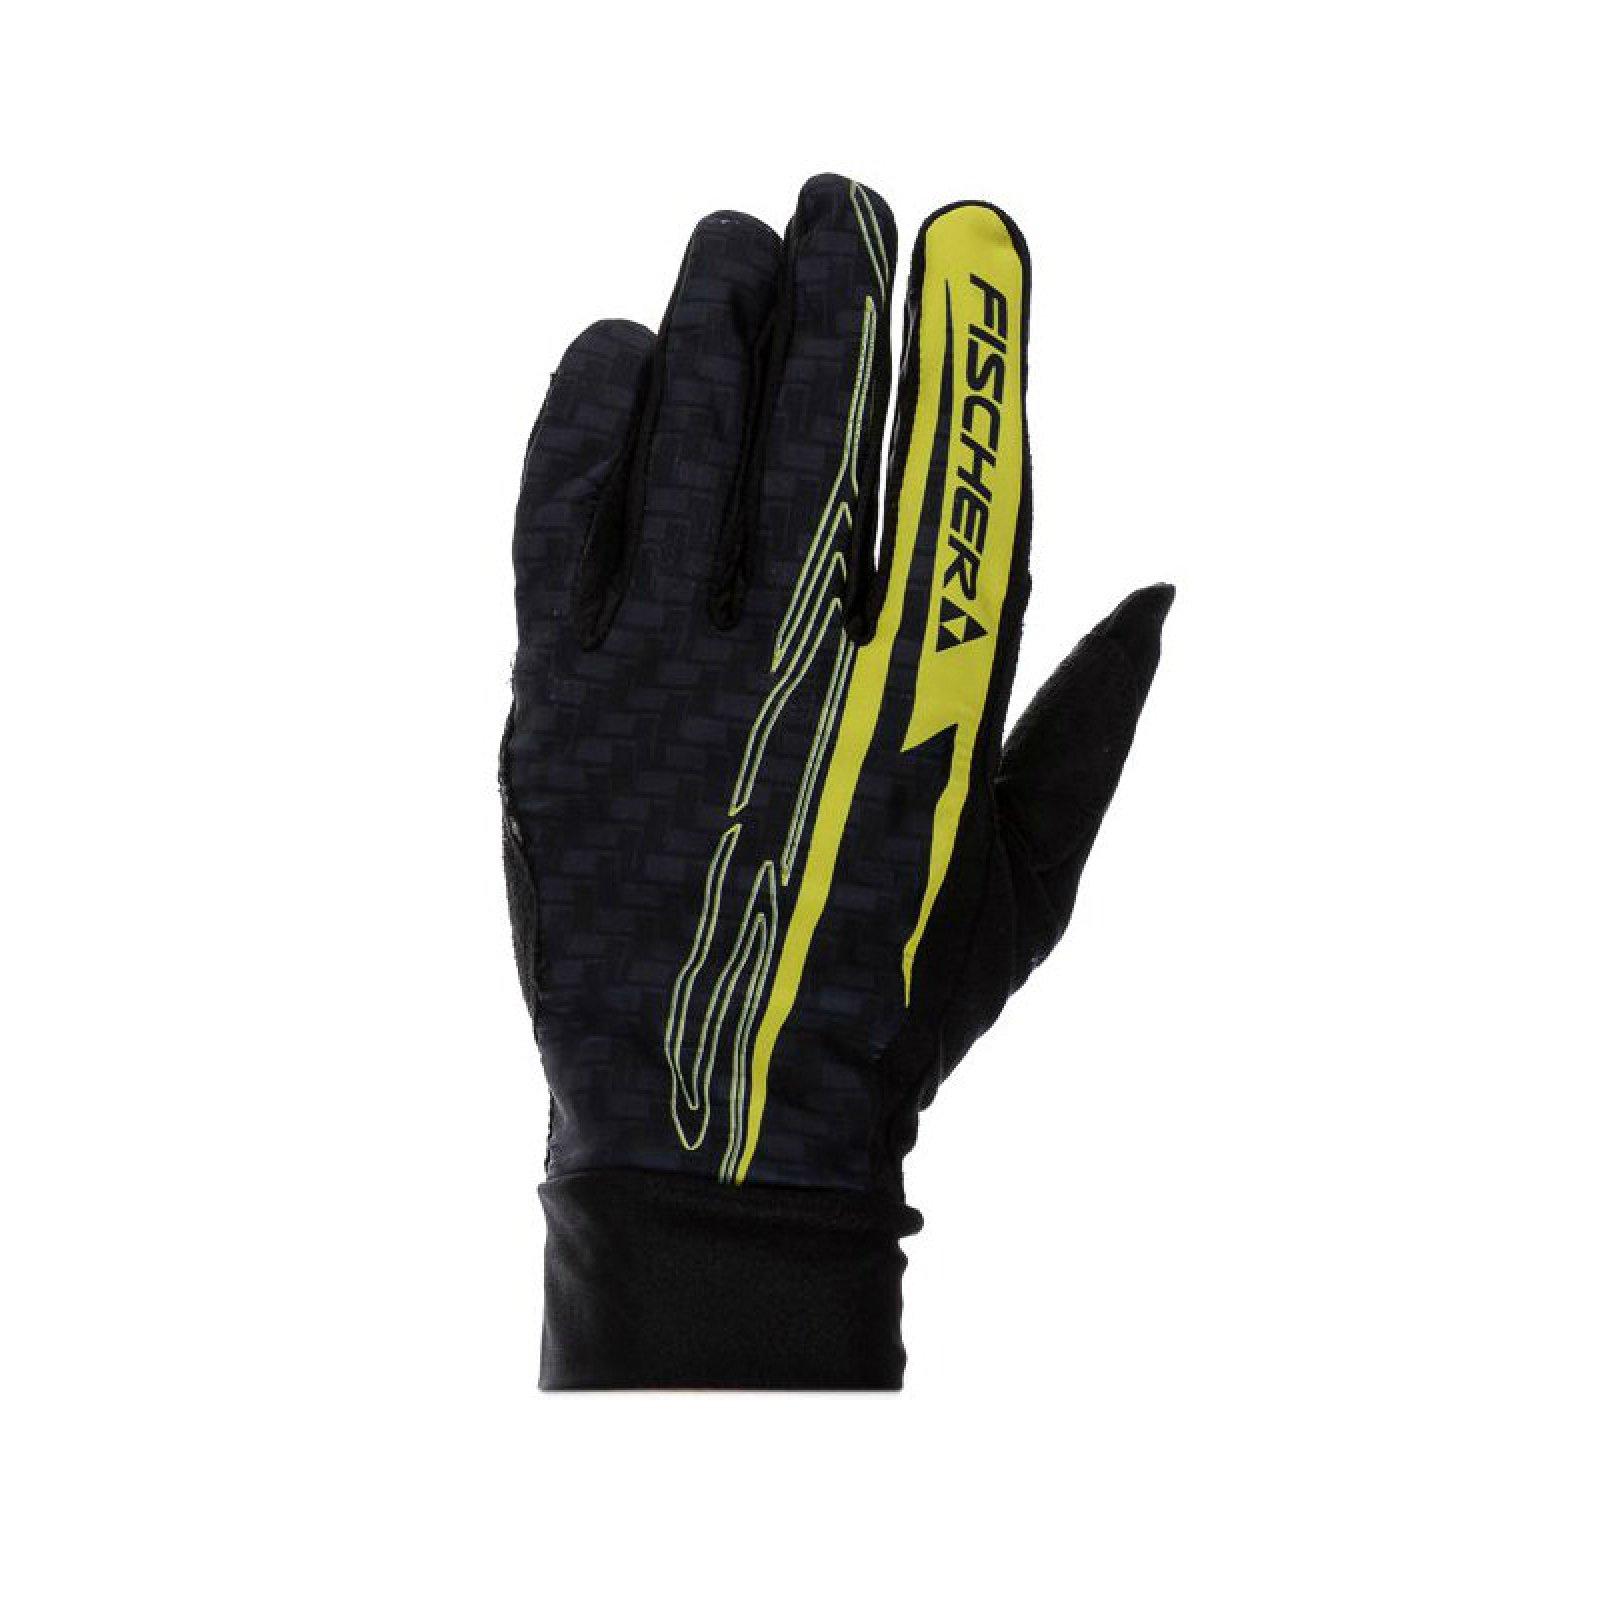 Pánské běžkařské rukavice Fischer Racing Pro - Actisport.cz bb2c991f05